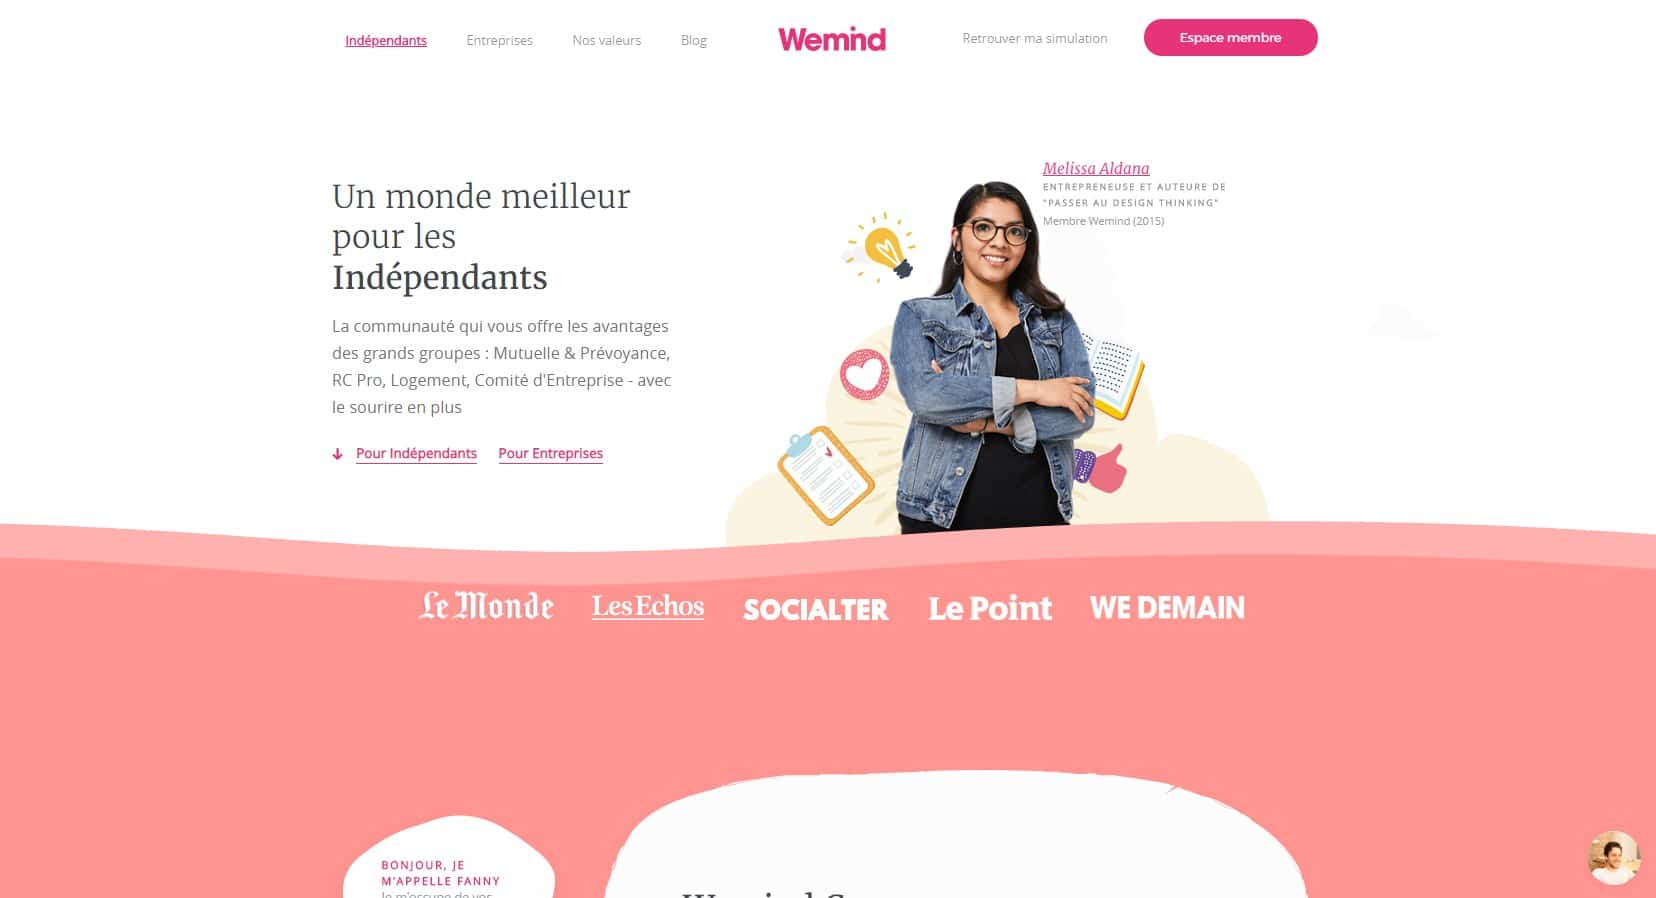 Wemind.io